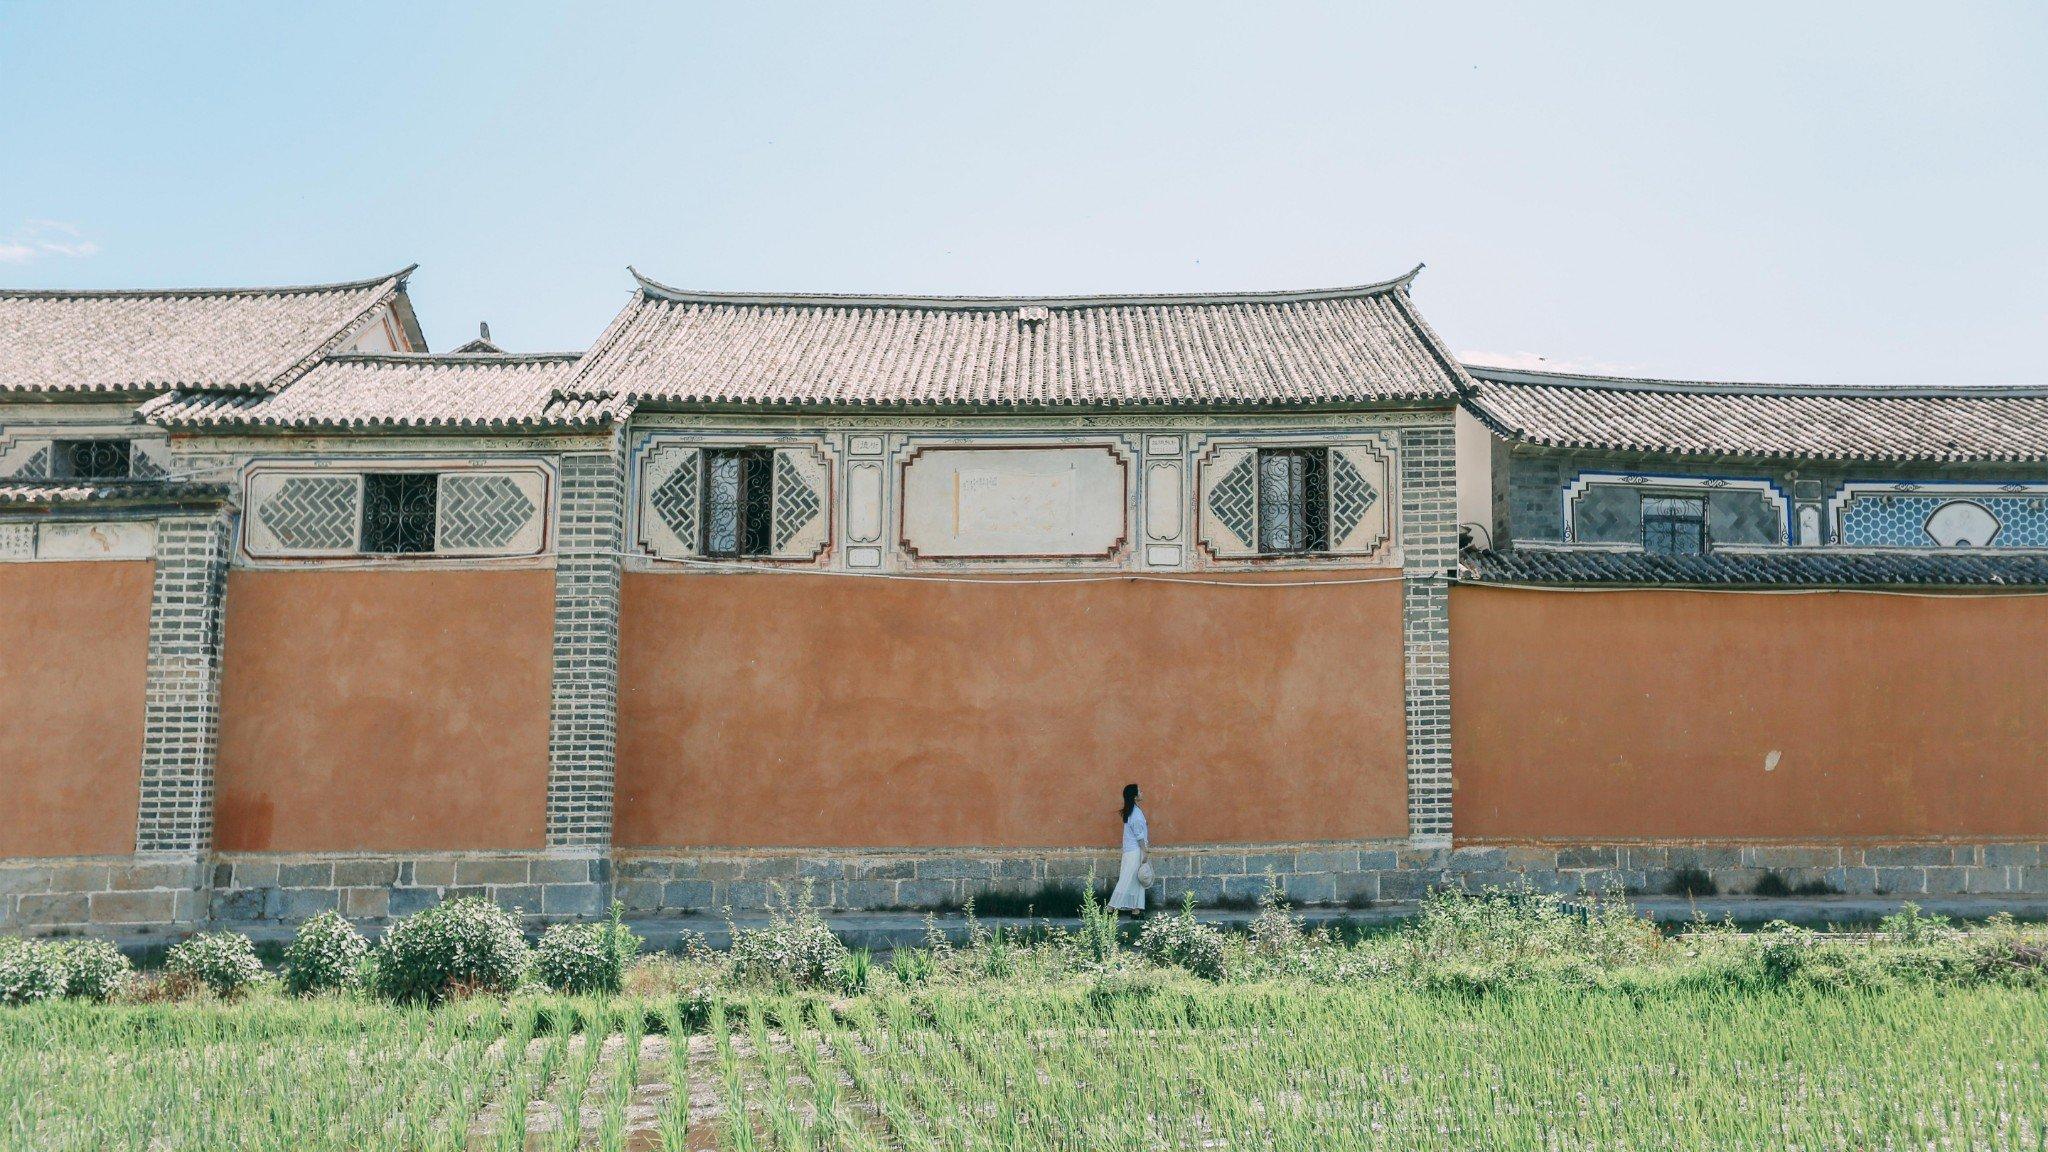 重逢丽江:大理的夏,云南的秋_丽江旅游攻略_自攻略观宴图片